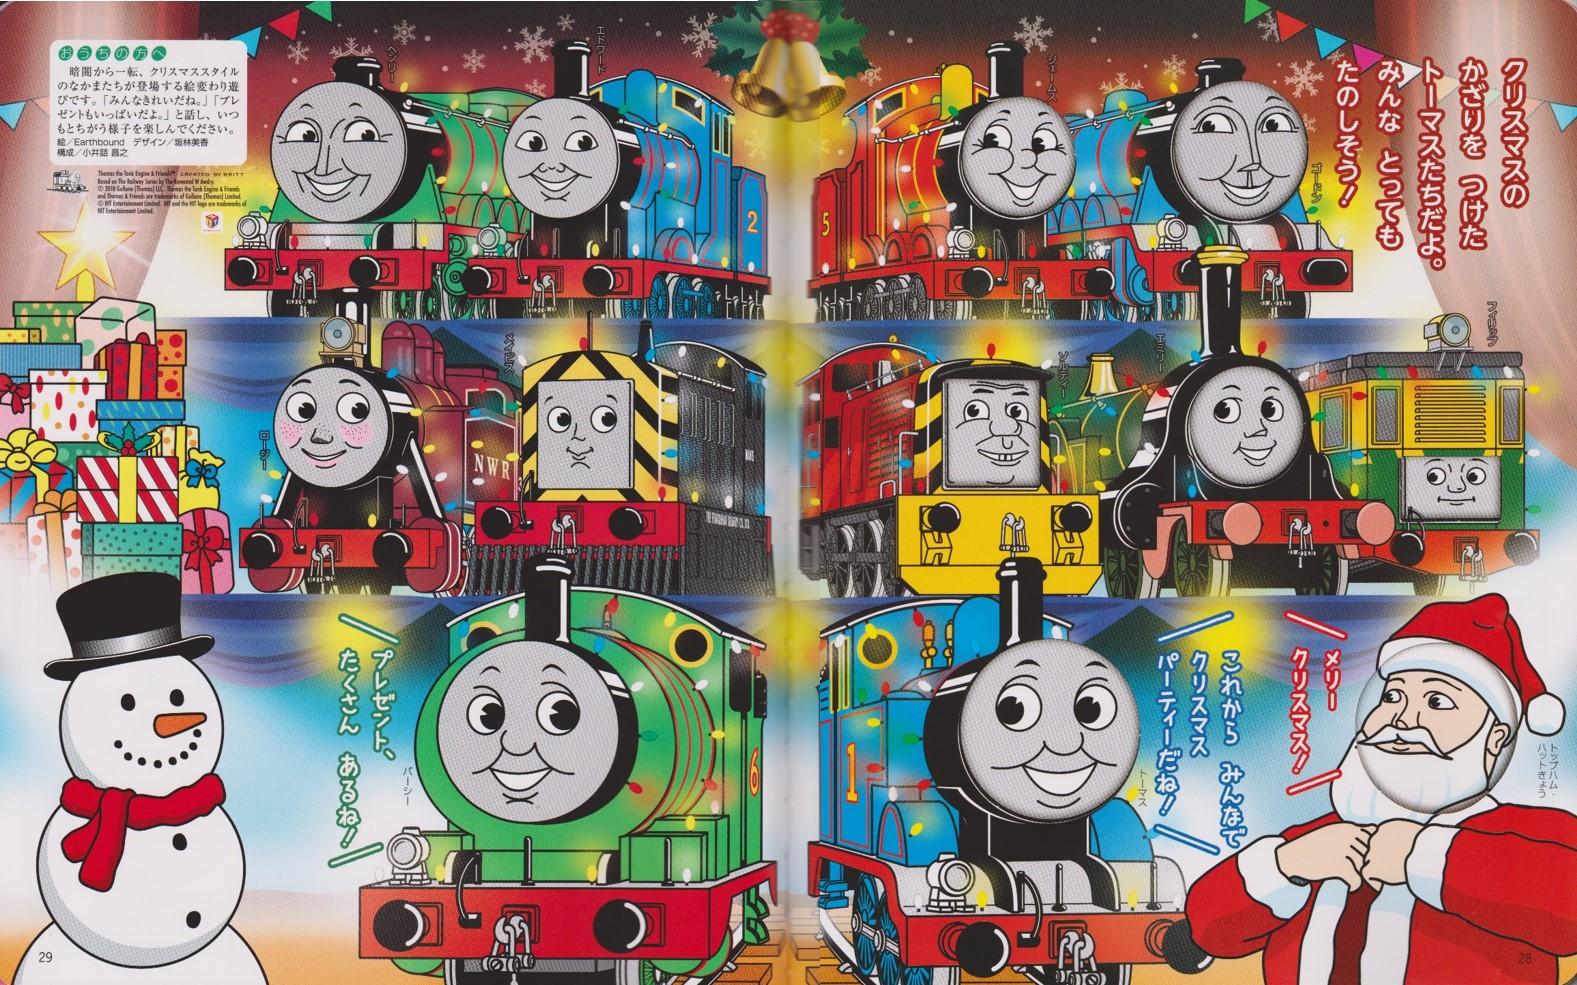 クリスマスの飾り付けがキラキラして綺麗なトーマスたち